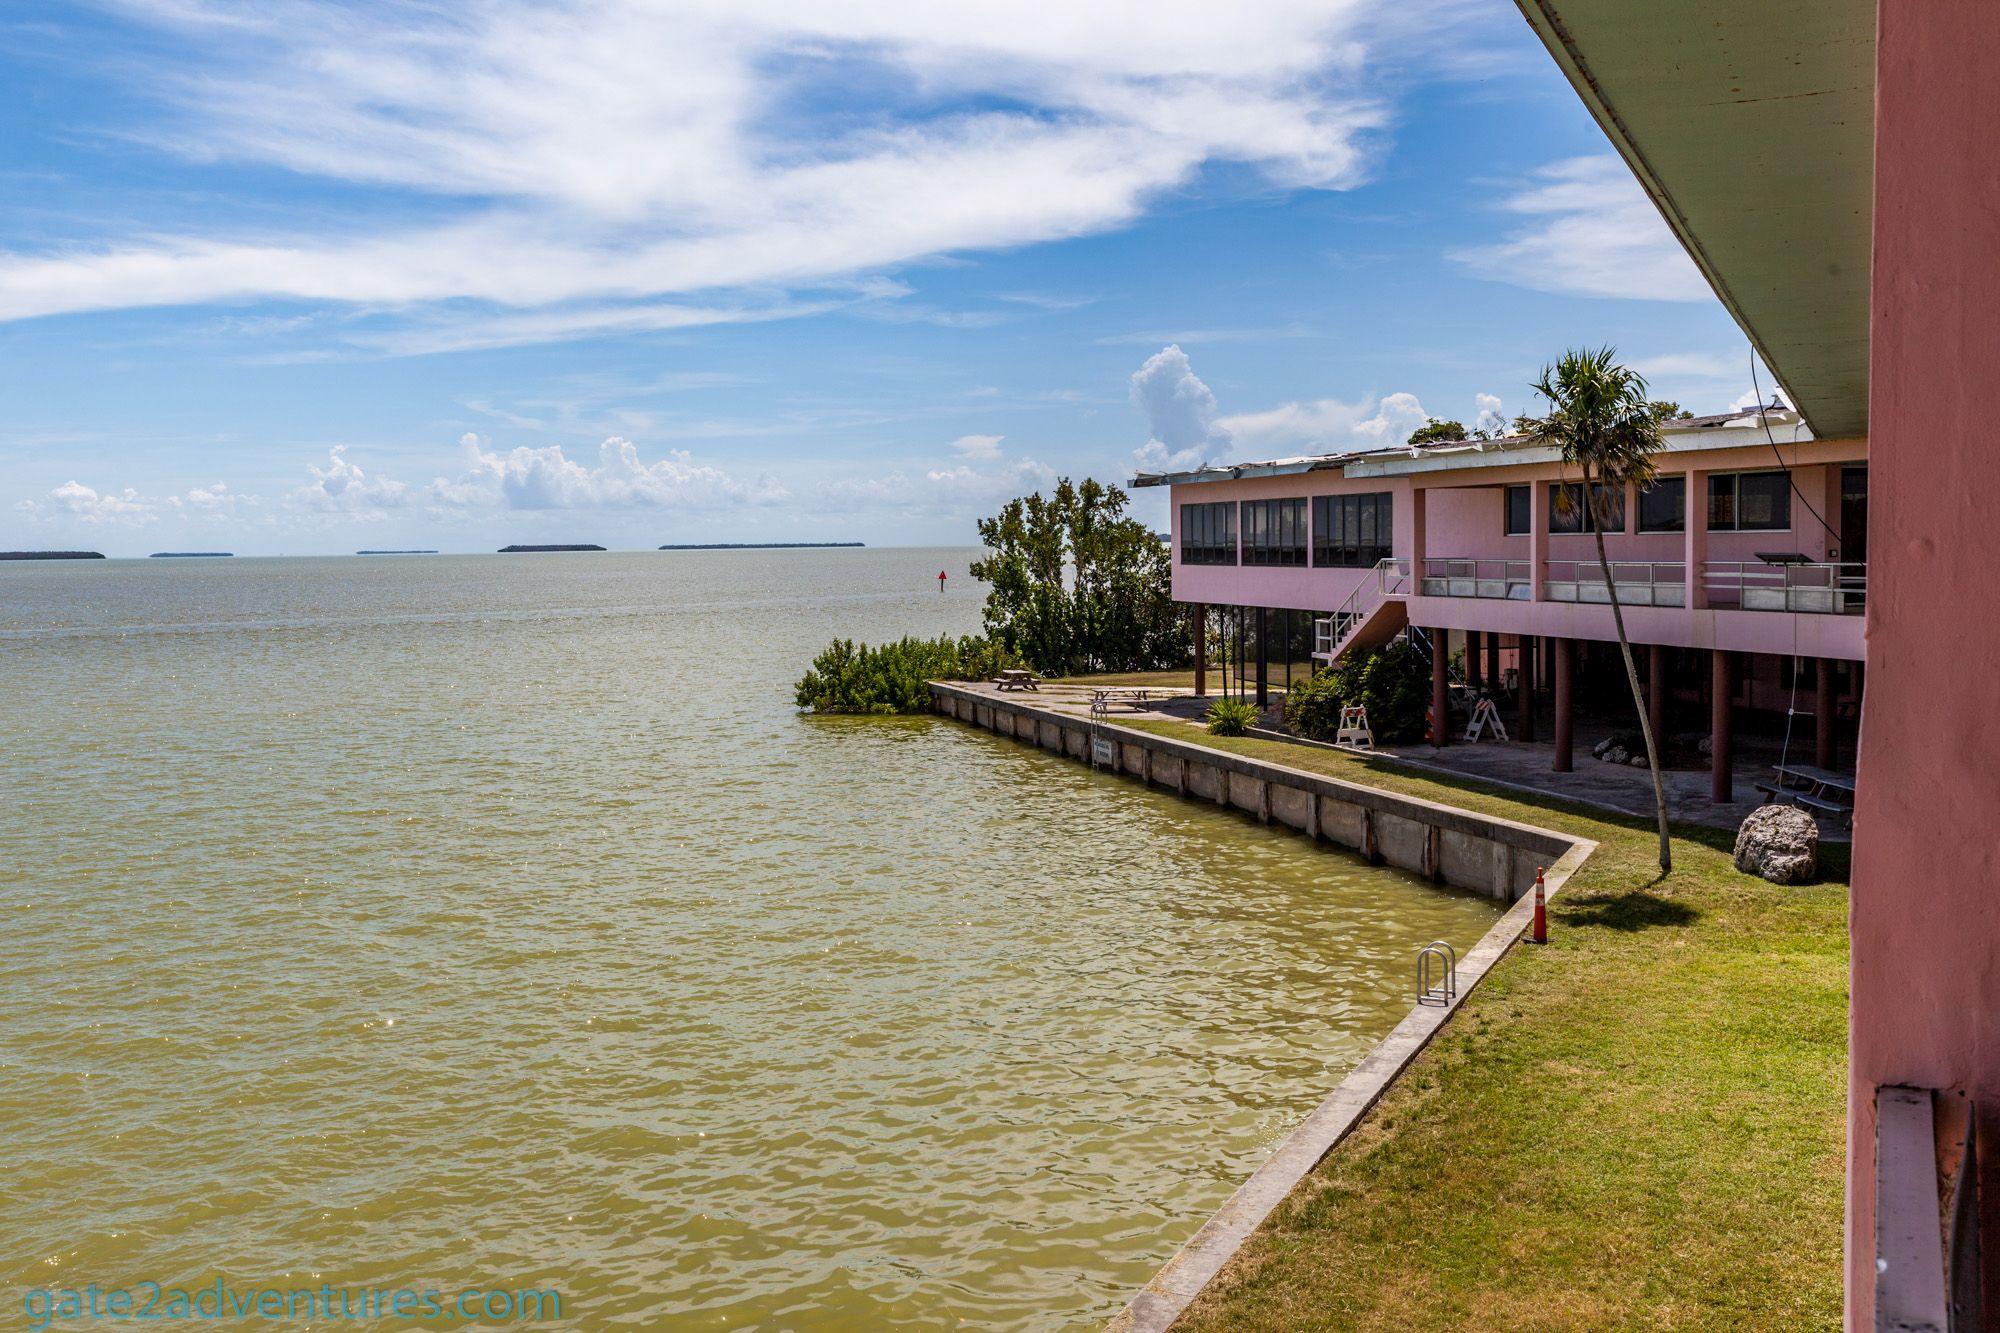 Everglades National Park: Flamingo Visitor Center Rehabilitation